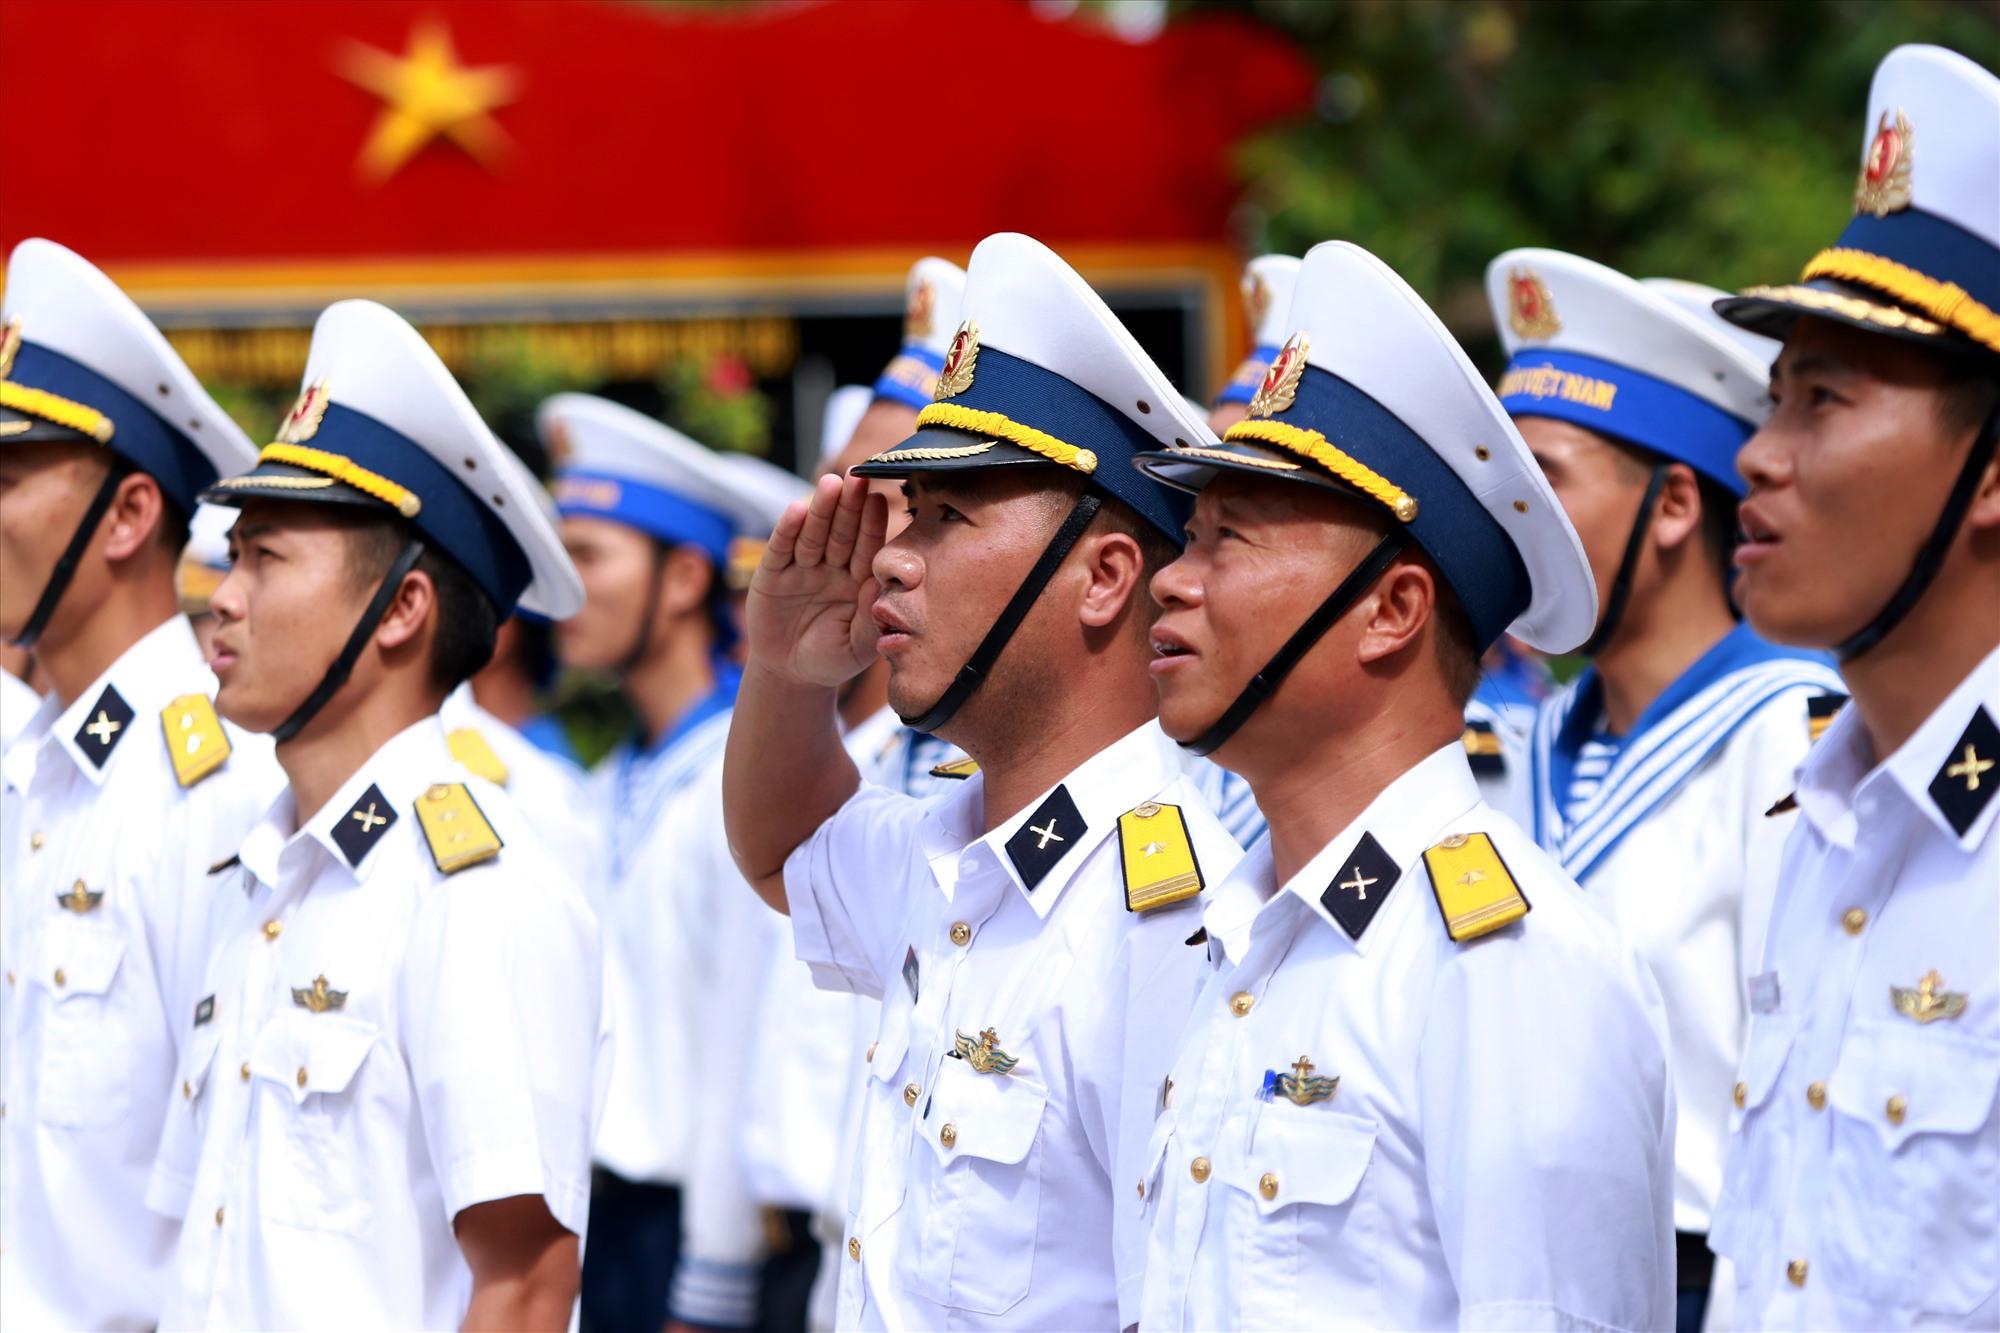 Lời hát Quốc ca vang vọng giữa biển trời, những đôi mắt nhất loạt hướng về phía lá cờ Tổ quốc. Ảnh: T.C